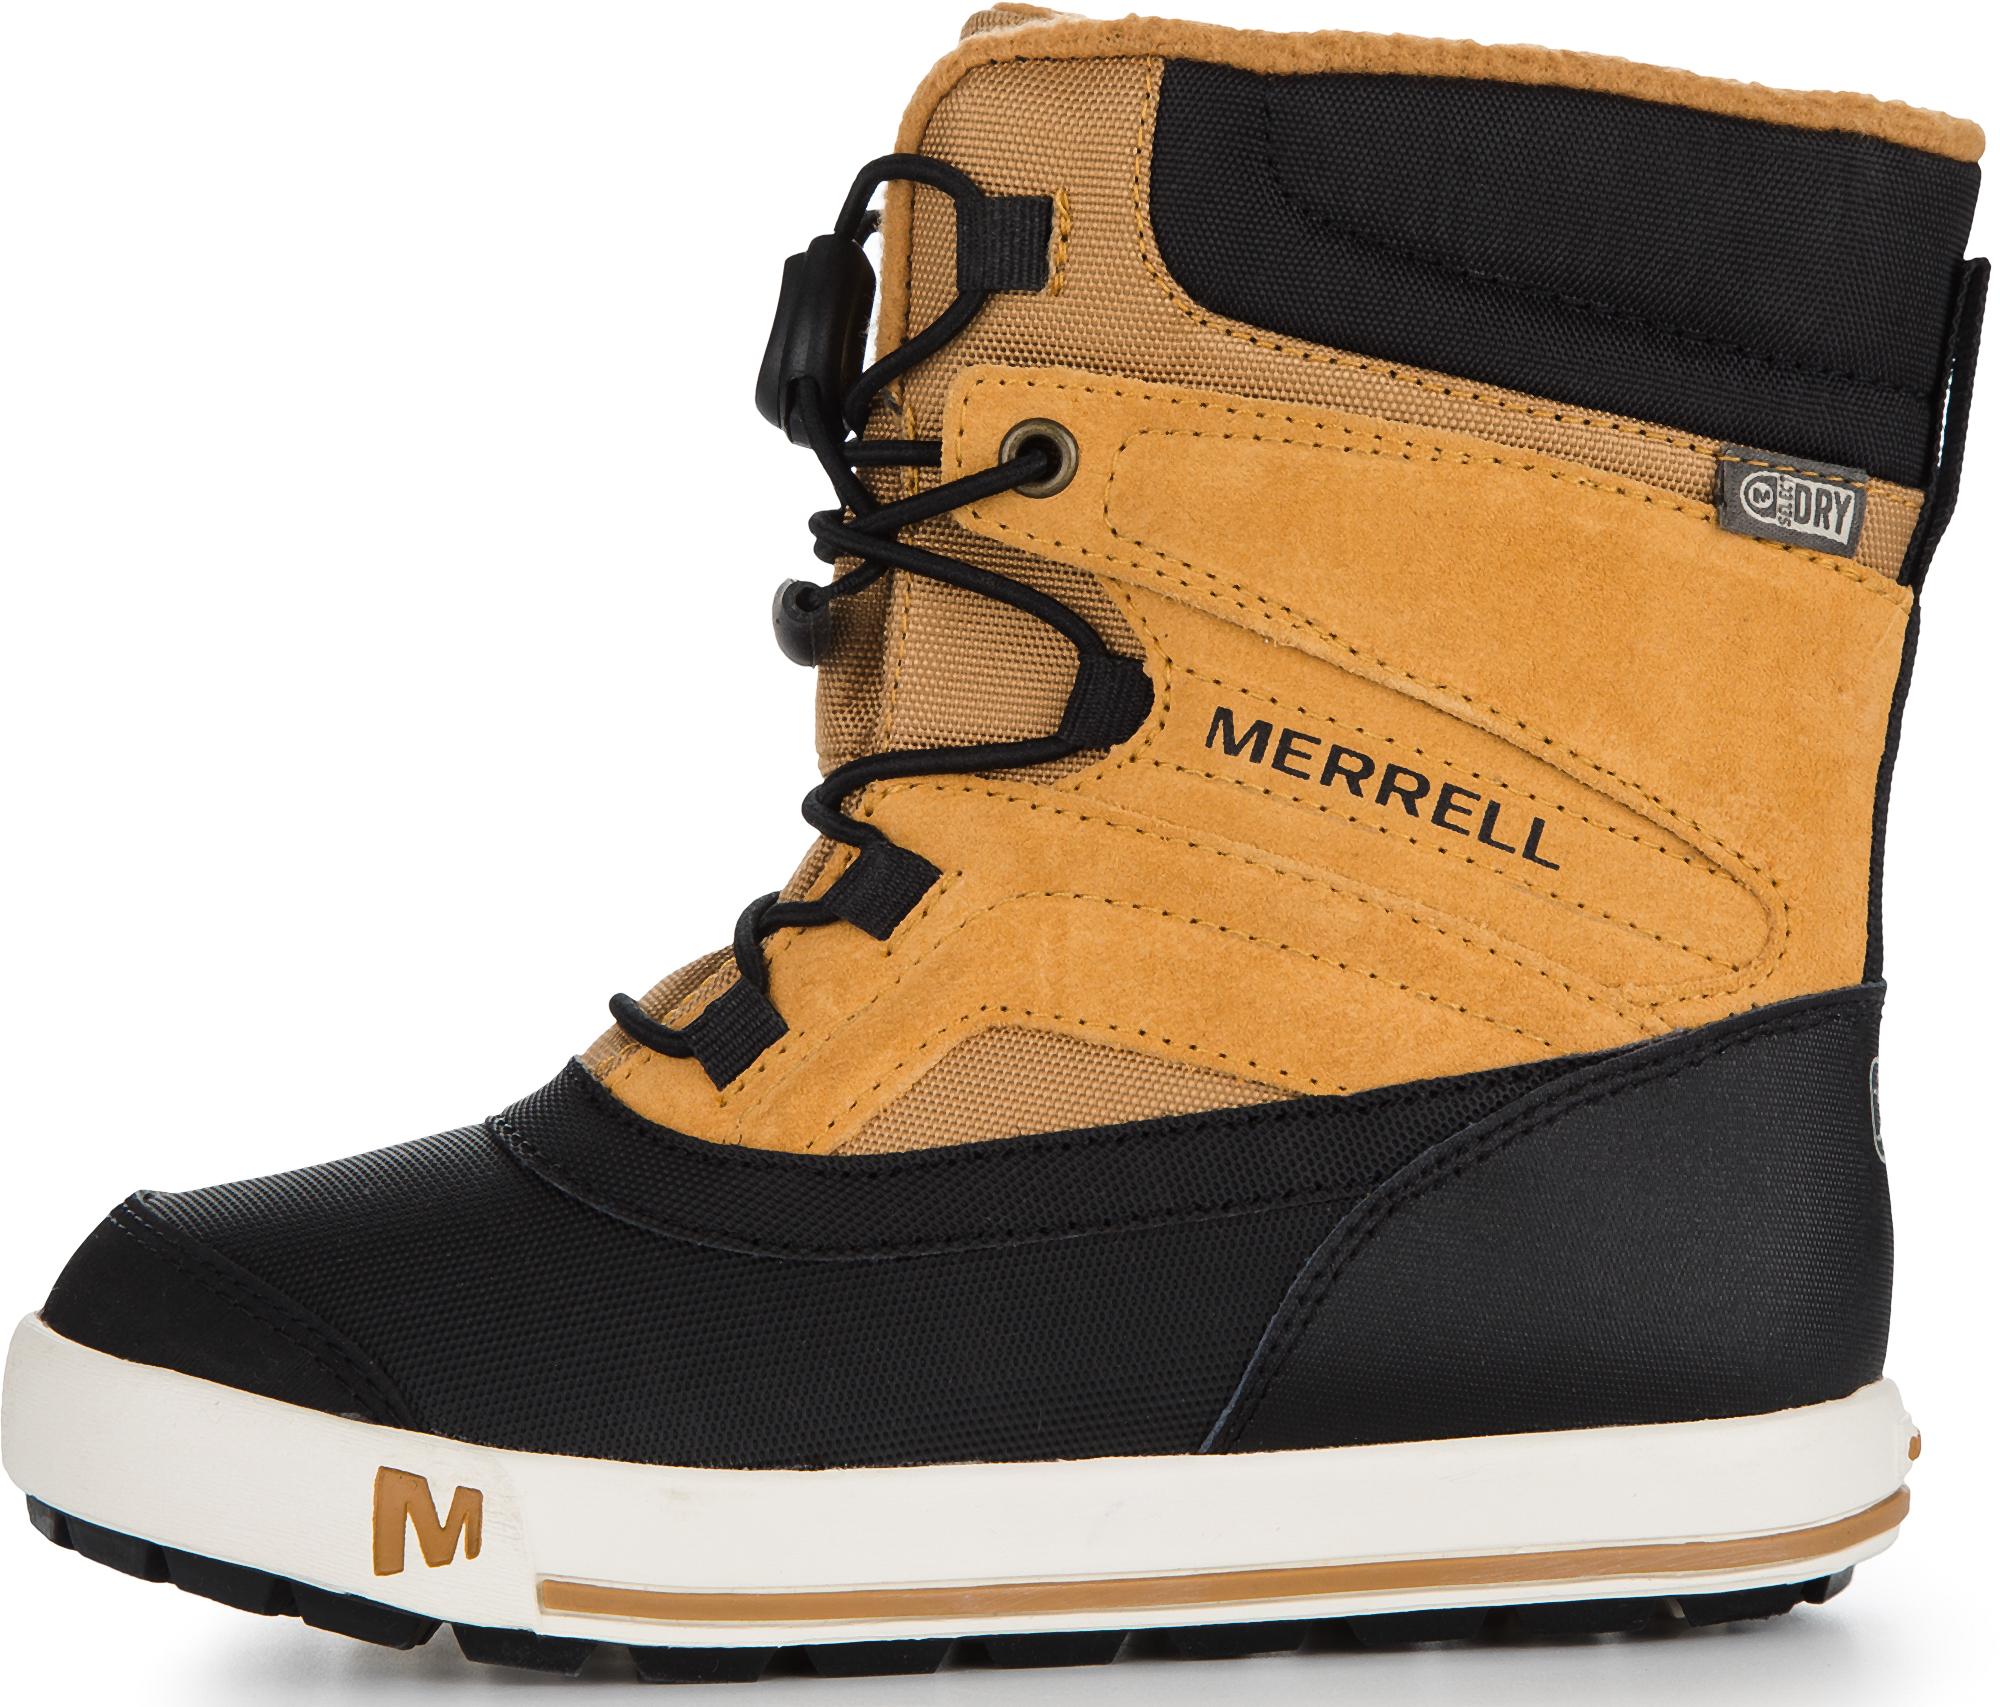 Merrell Ботинки утепленные детские Merrell Ml-Boys Snow Bank 2.0, размер 40,5 цены онлайн